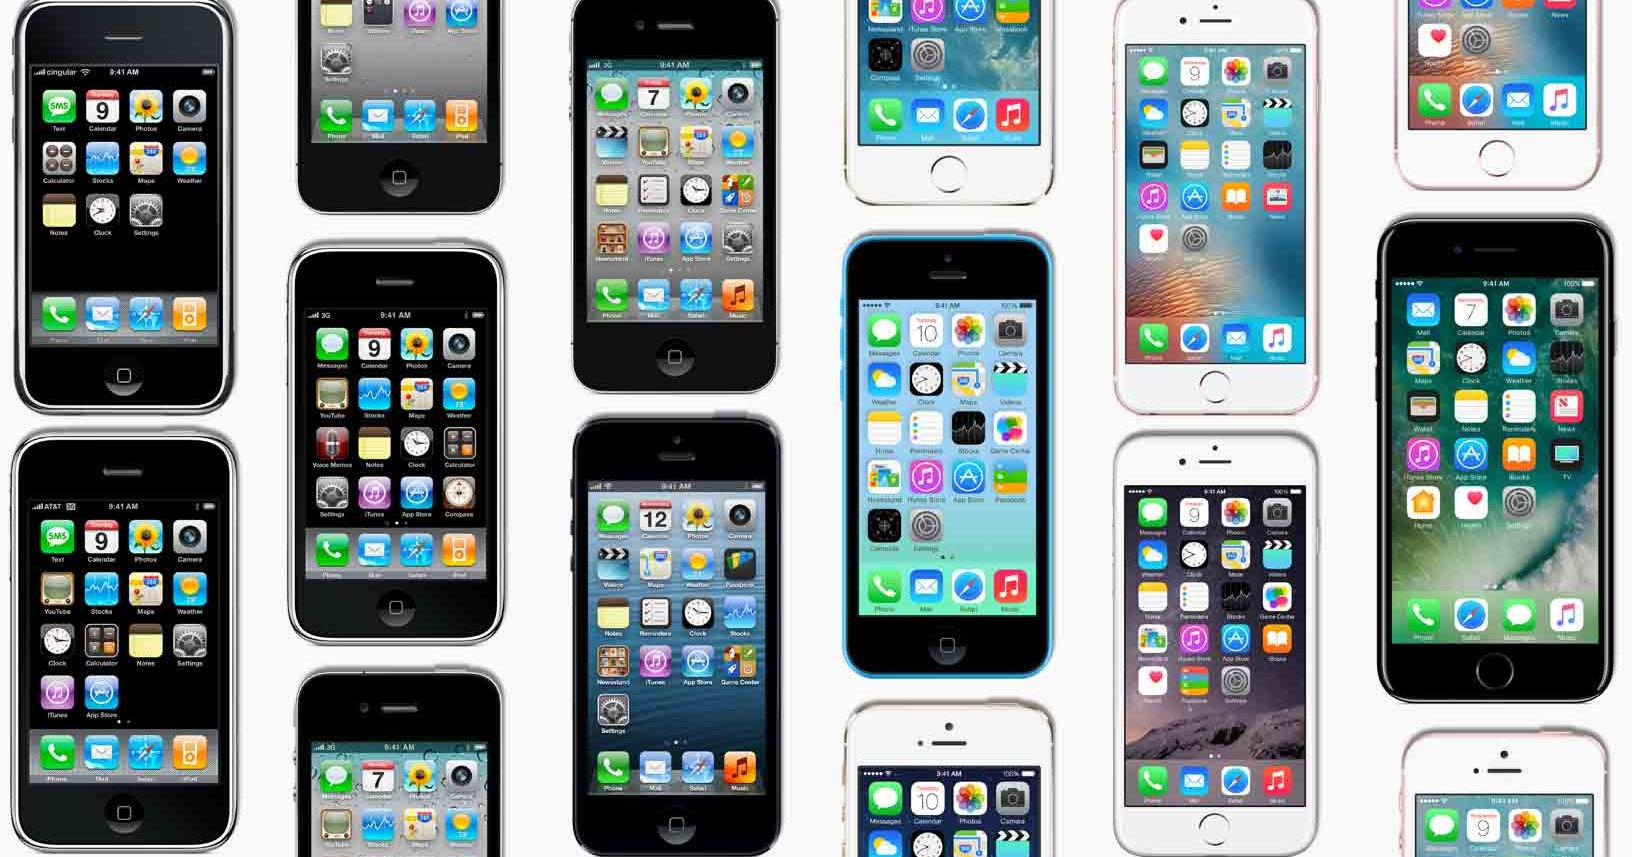 iPhone 10 周年!你曾經用過哪幾代的 iPhone 手機呢?